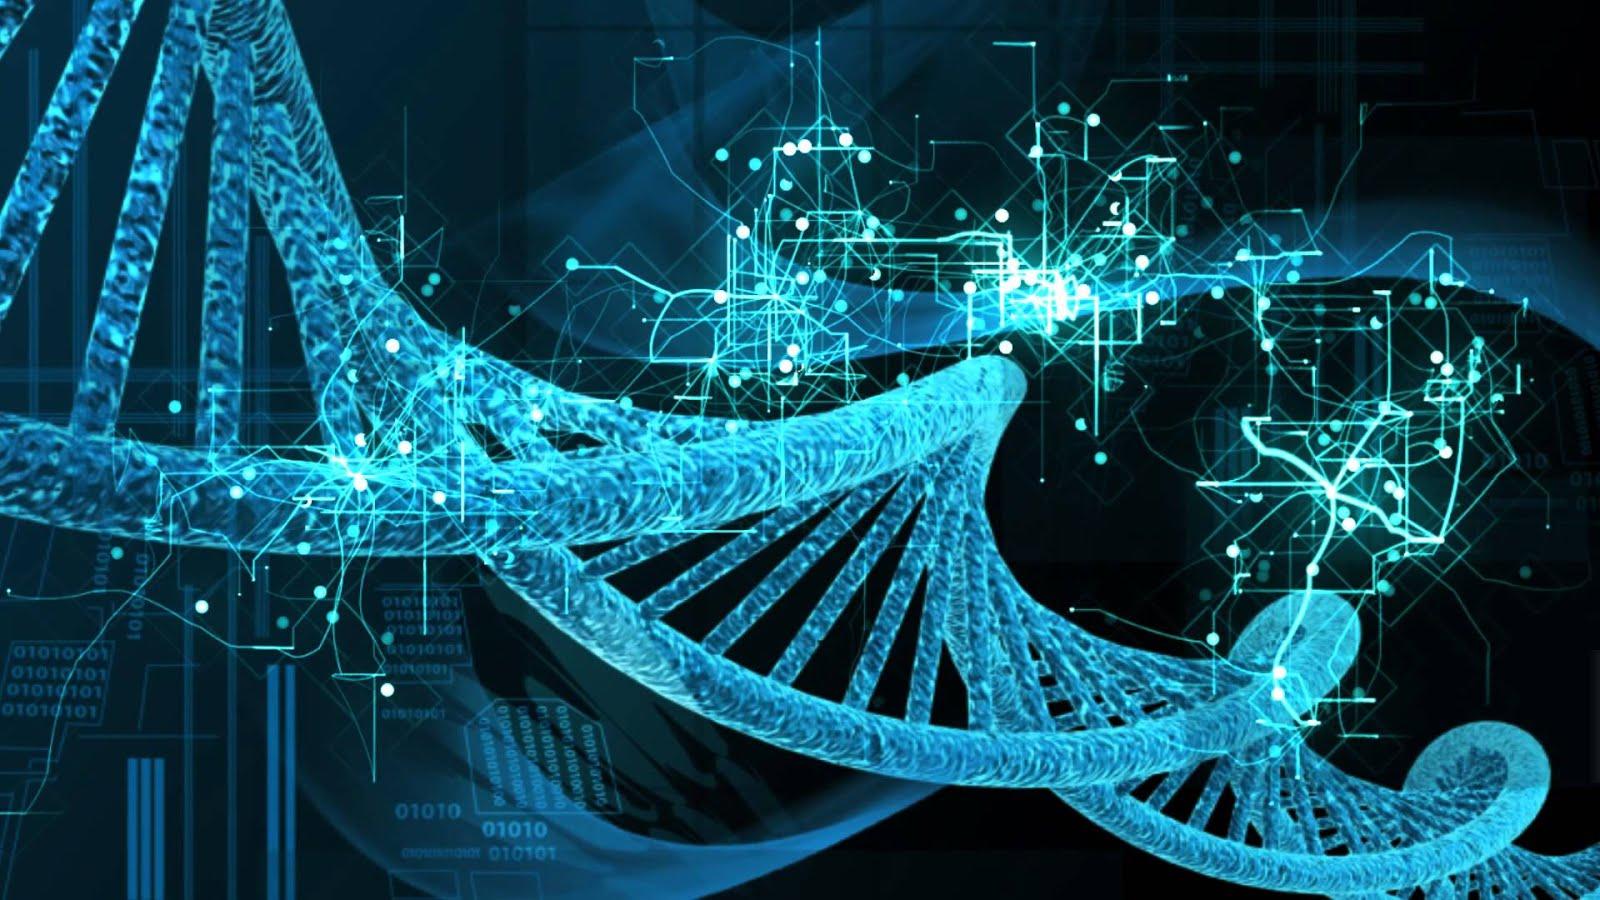 ENFERMEDAD DE HUNTINGTON: Bibliografía (Bases Genéticas